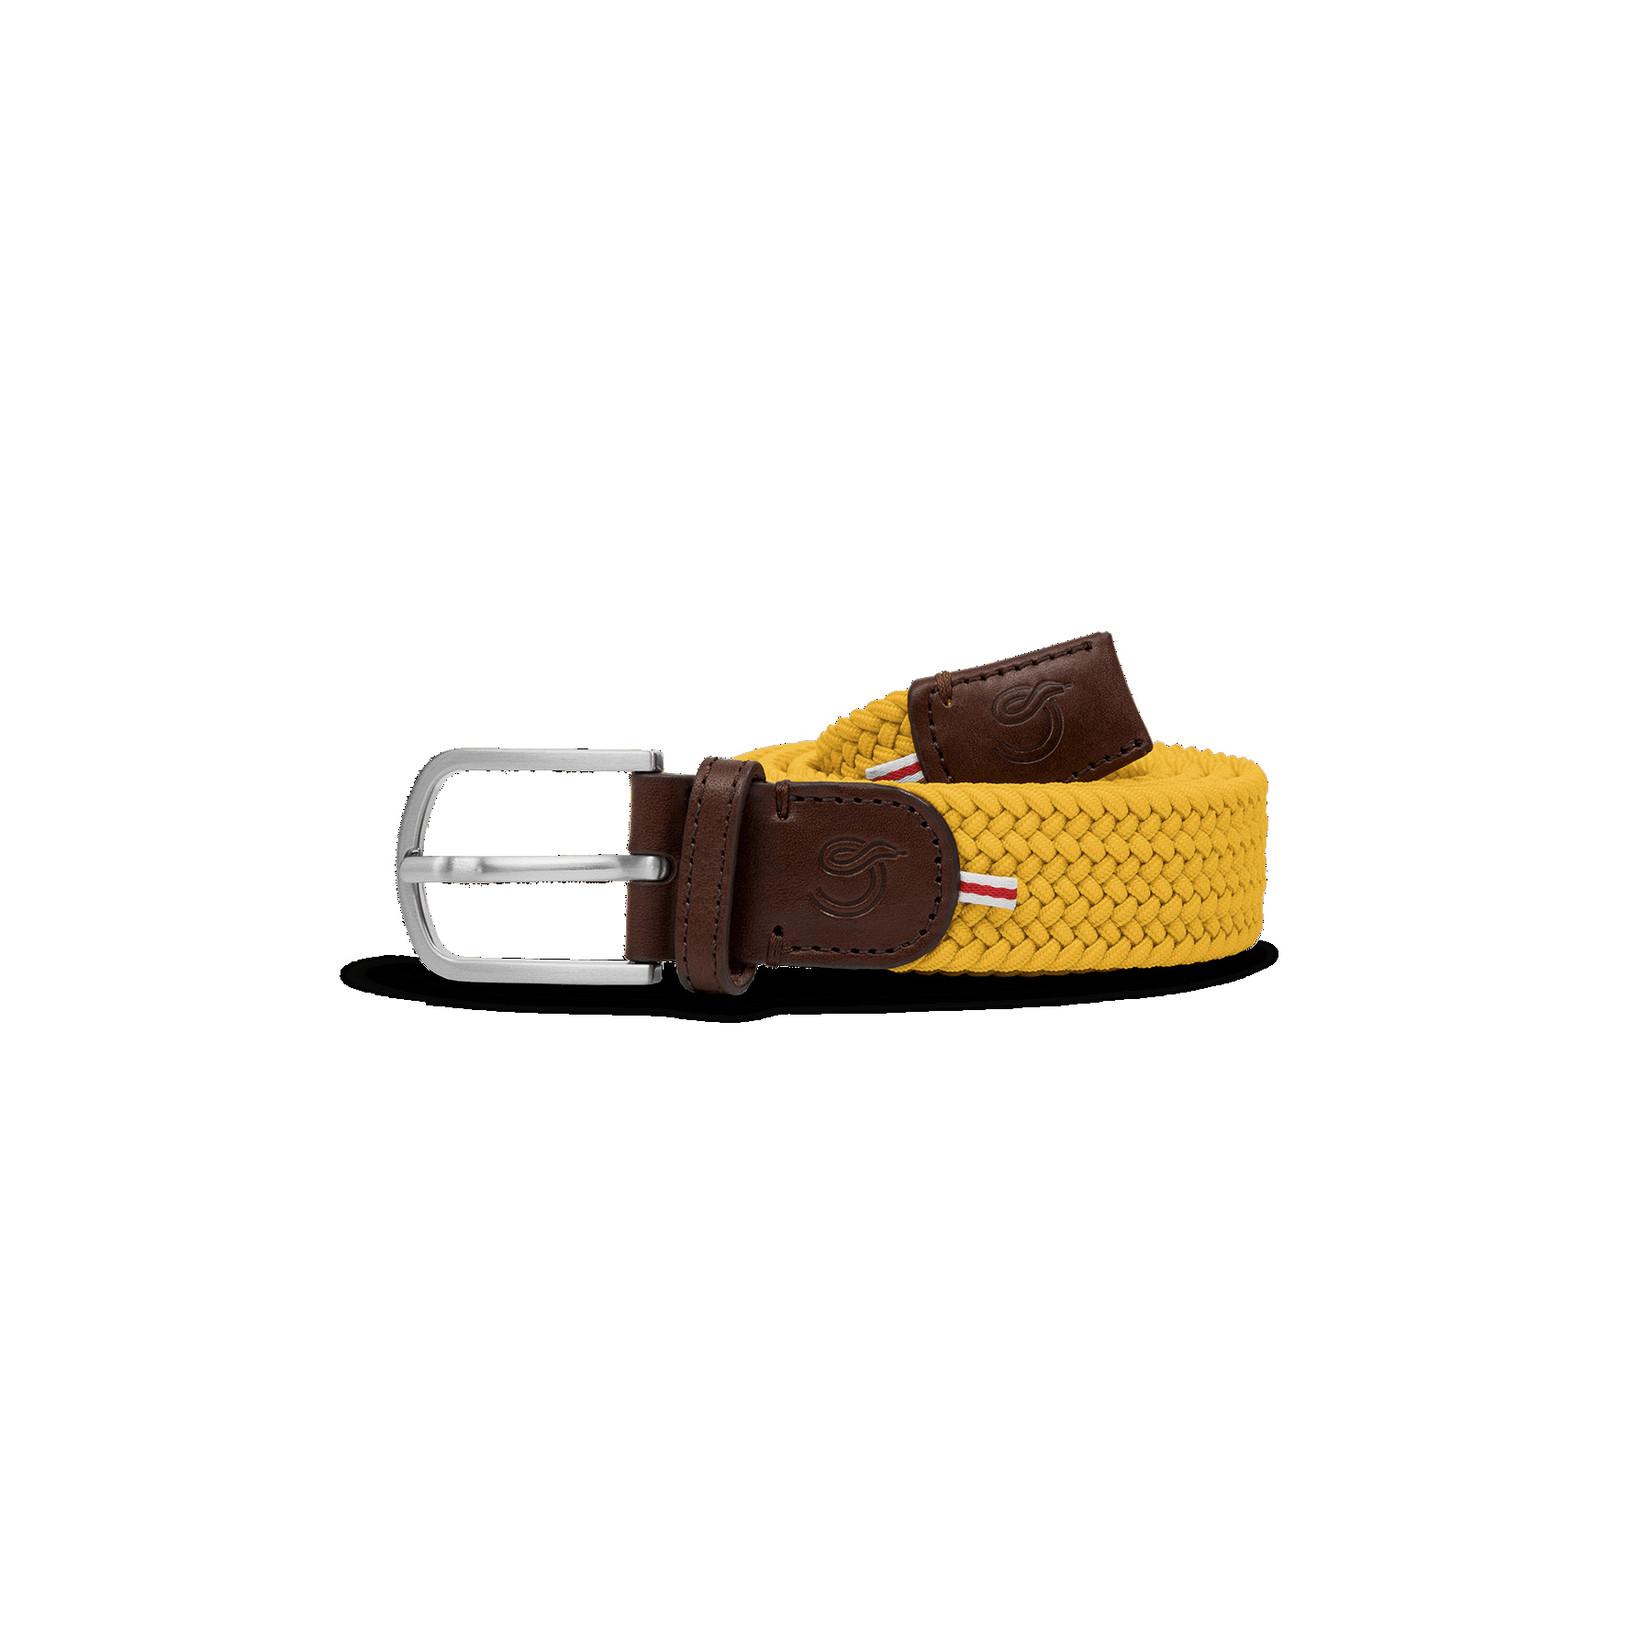 Riem Originale Los Angeles Yellow (105cm)